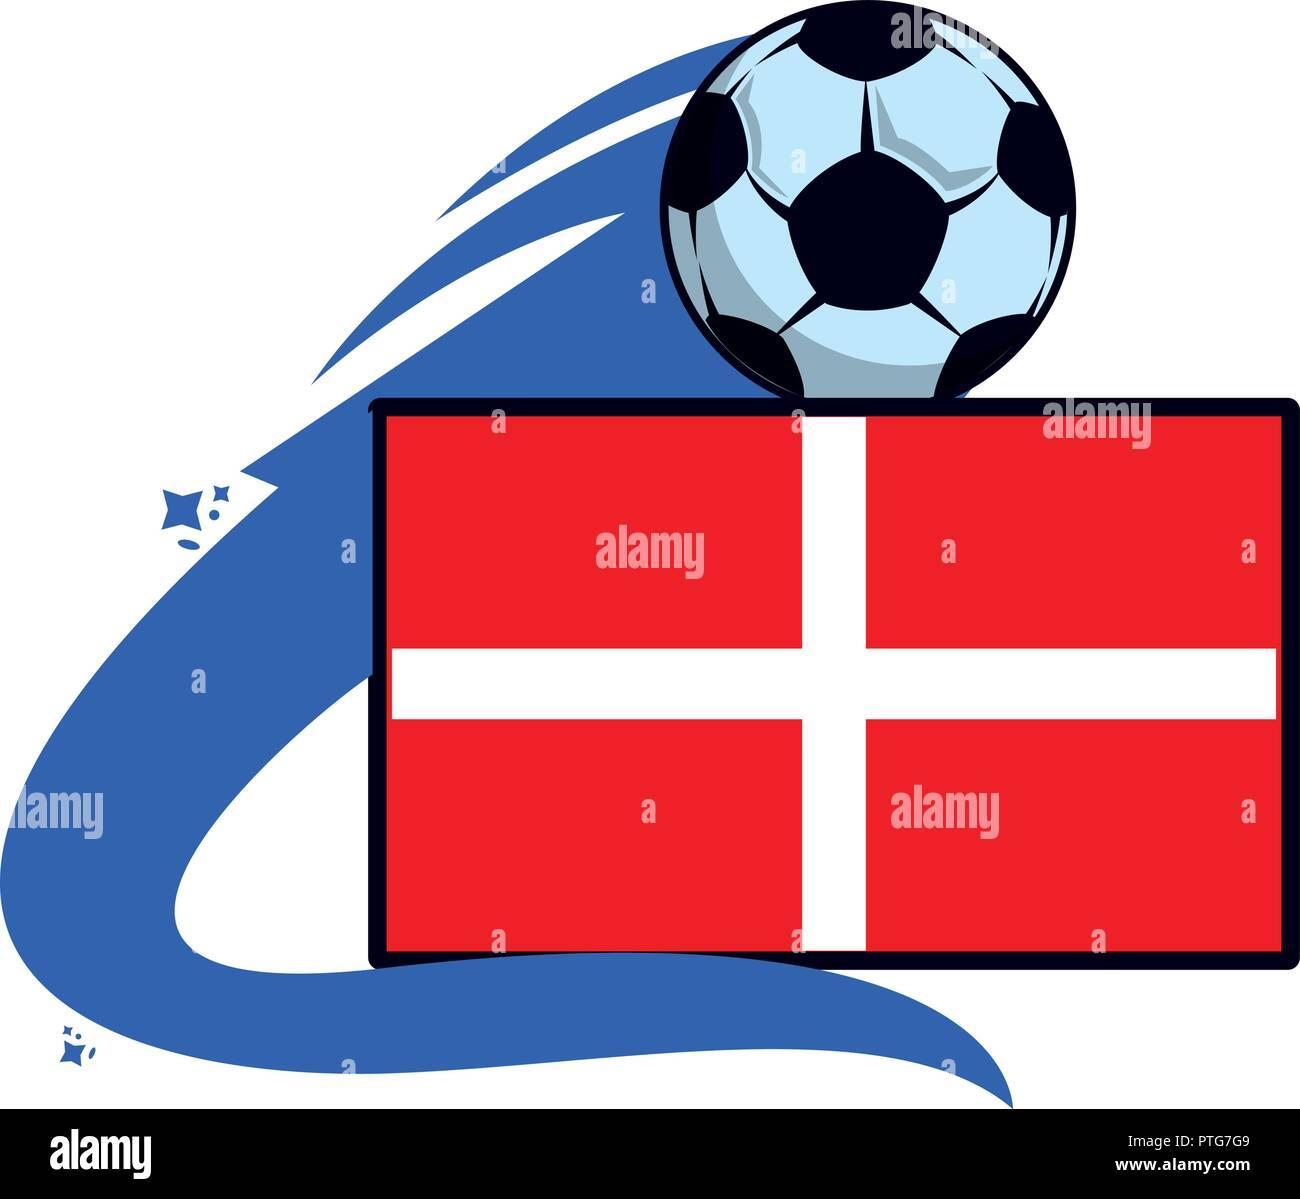 Denmark flag emblem soccer - Stock Vector